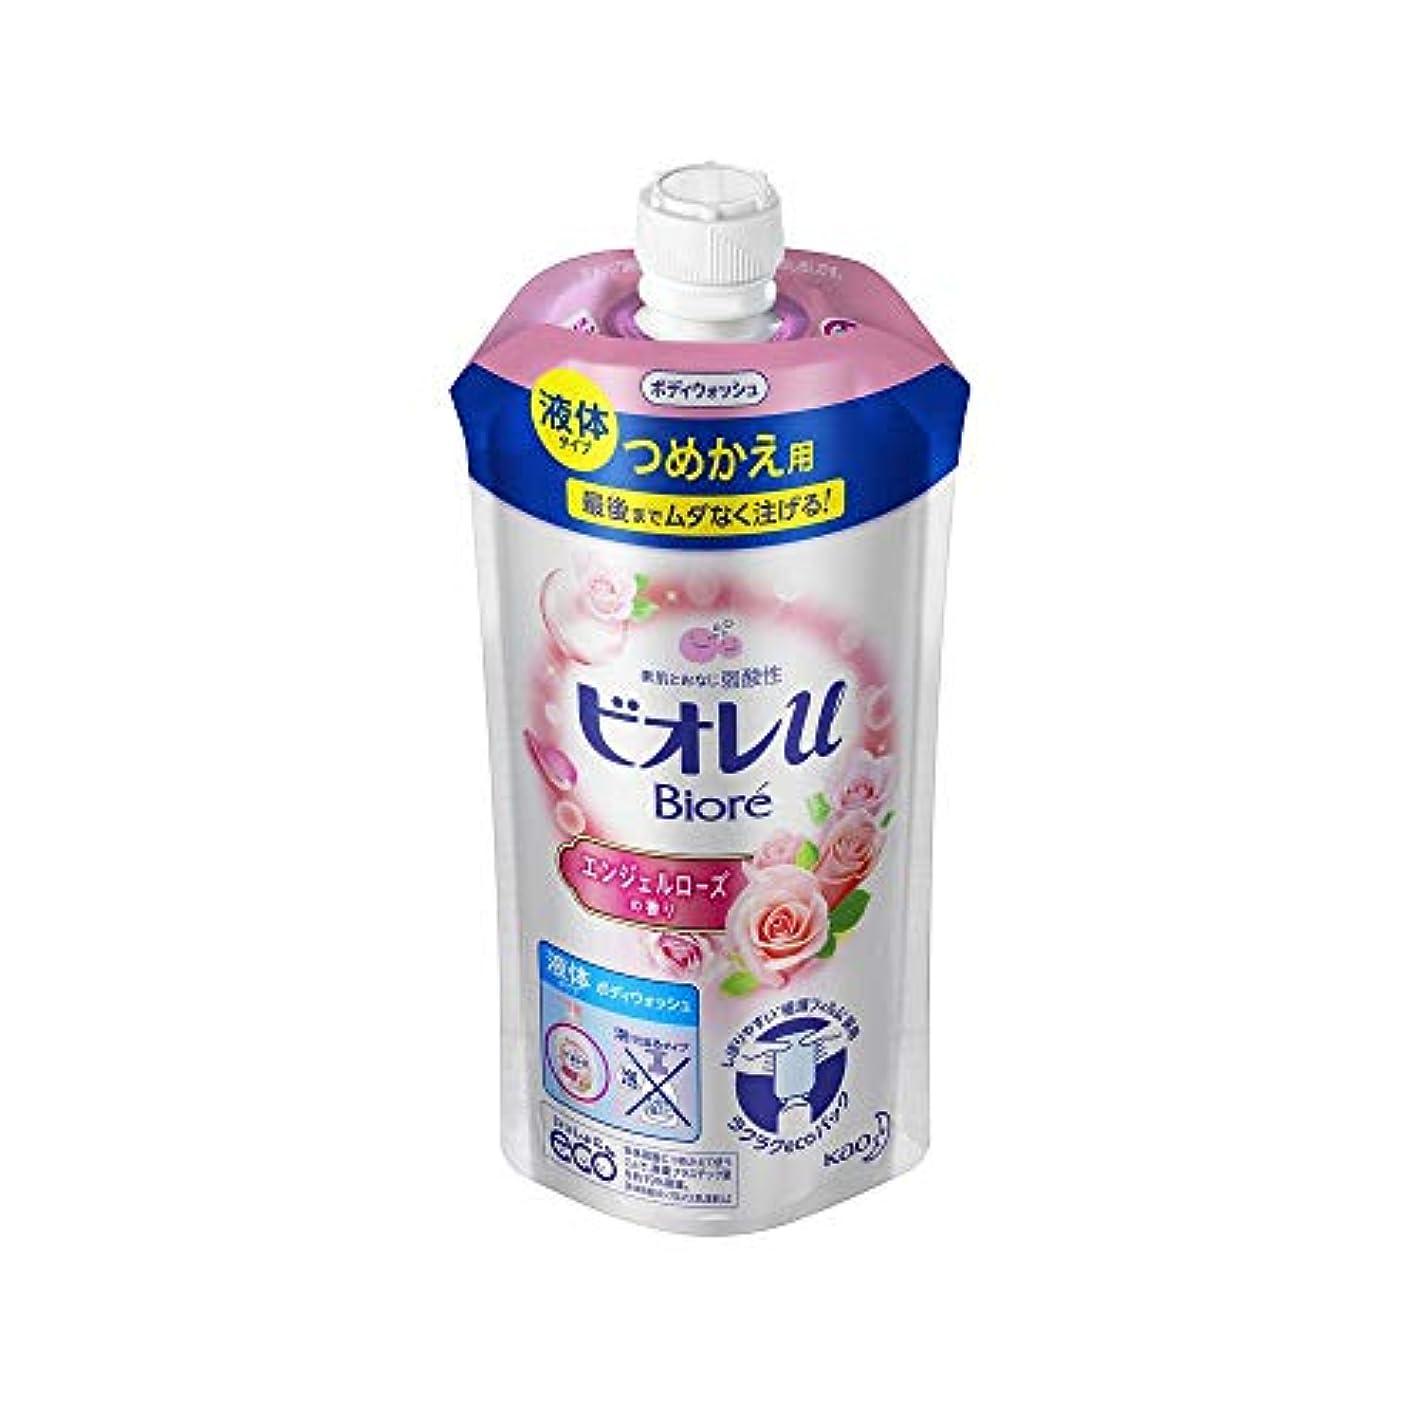 オーナー時間とともにサリー花王 ビオレu エンジェルローズの香りつめかえ用 340ML